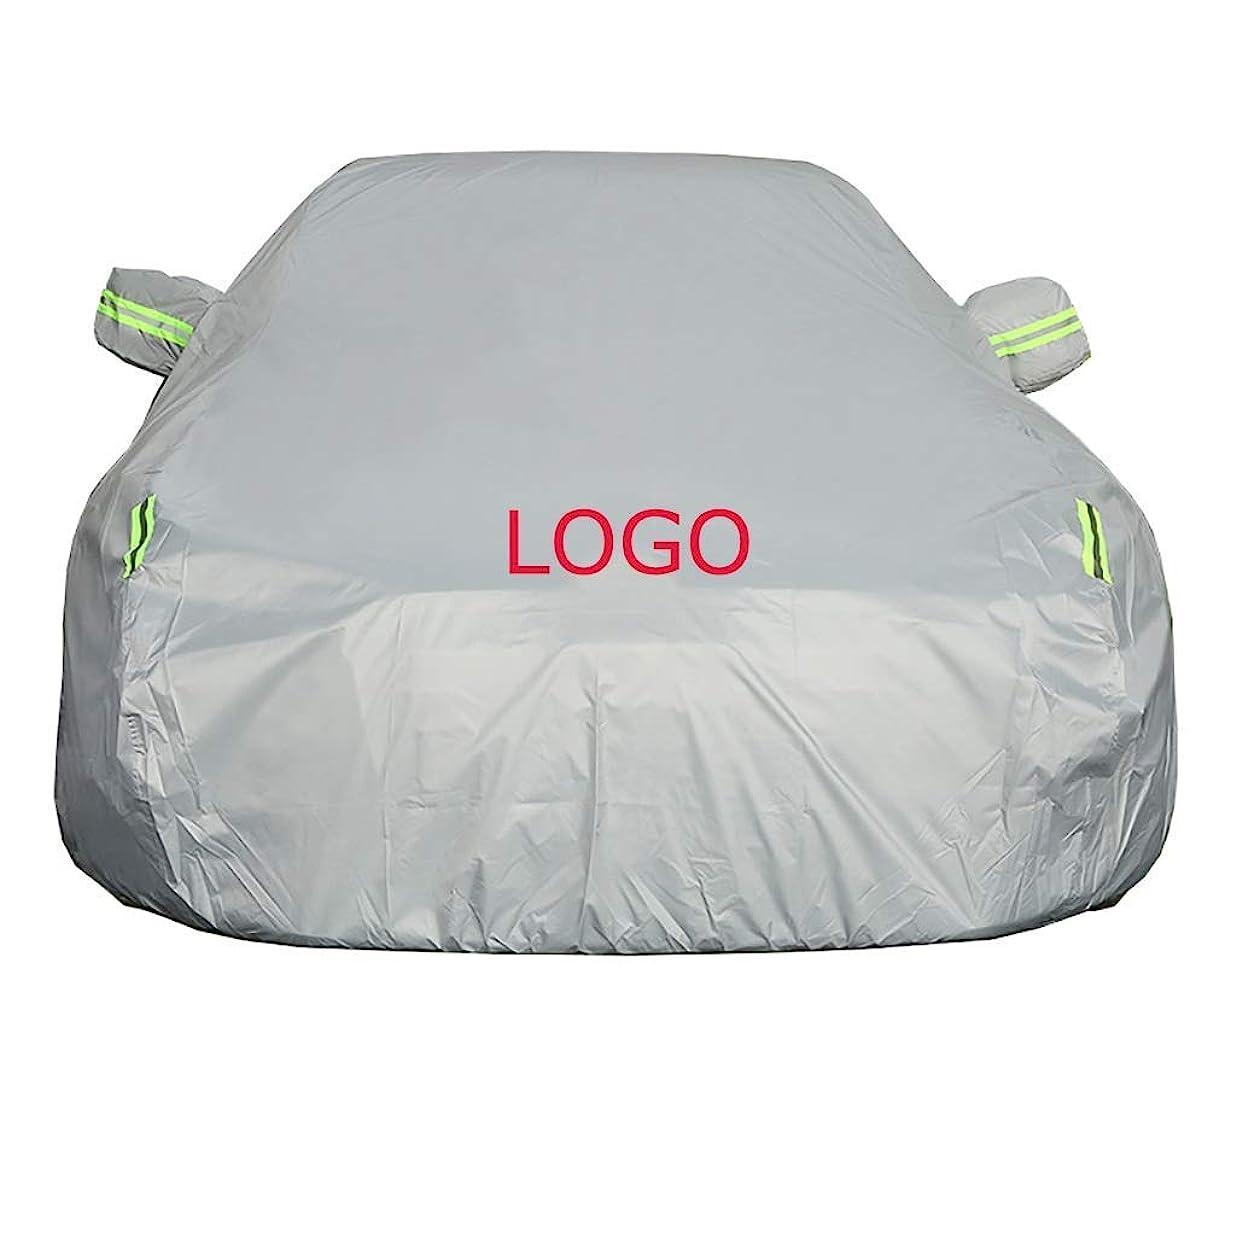 お願いします間違いなく累積ロゴ防水日焼け止め夏のカーカバーUVプロテクションカー服フィットHYUDNAI付きのカーカバーHYUDNAI (Size : Avante)